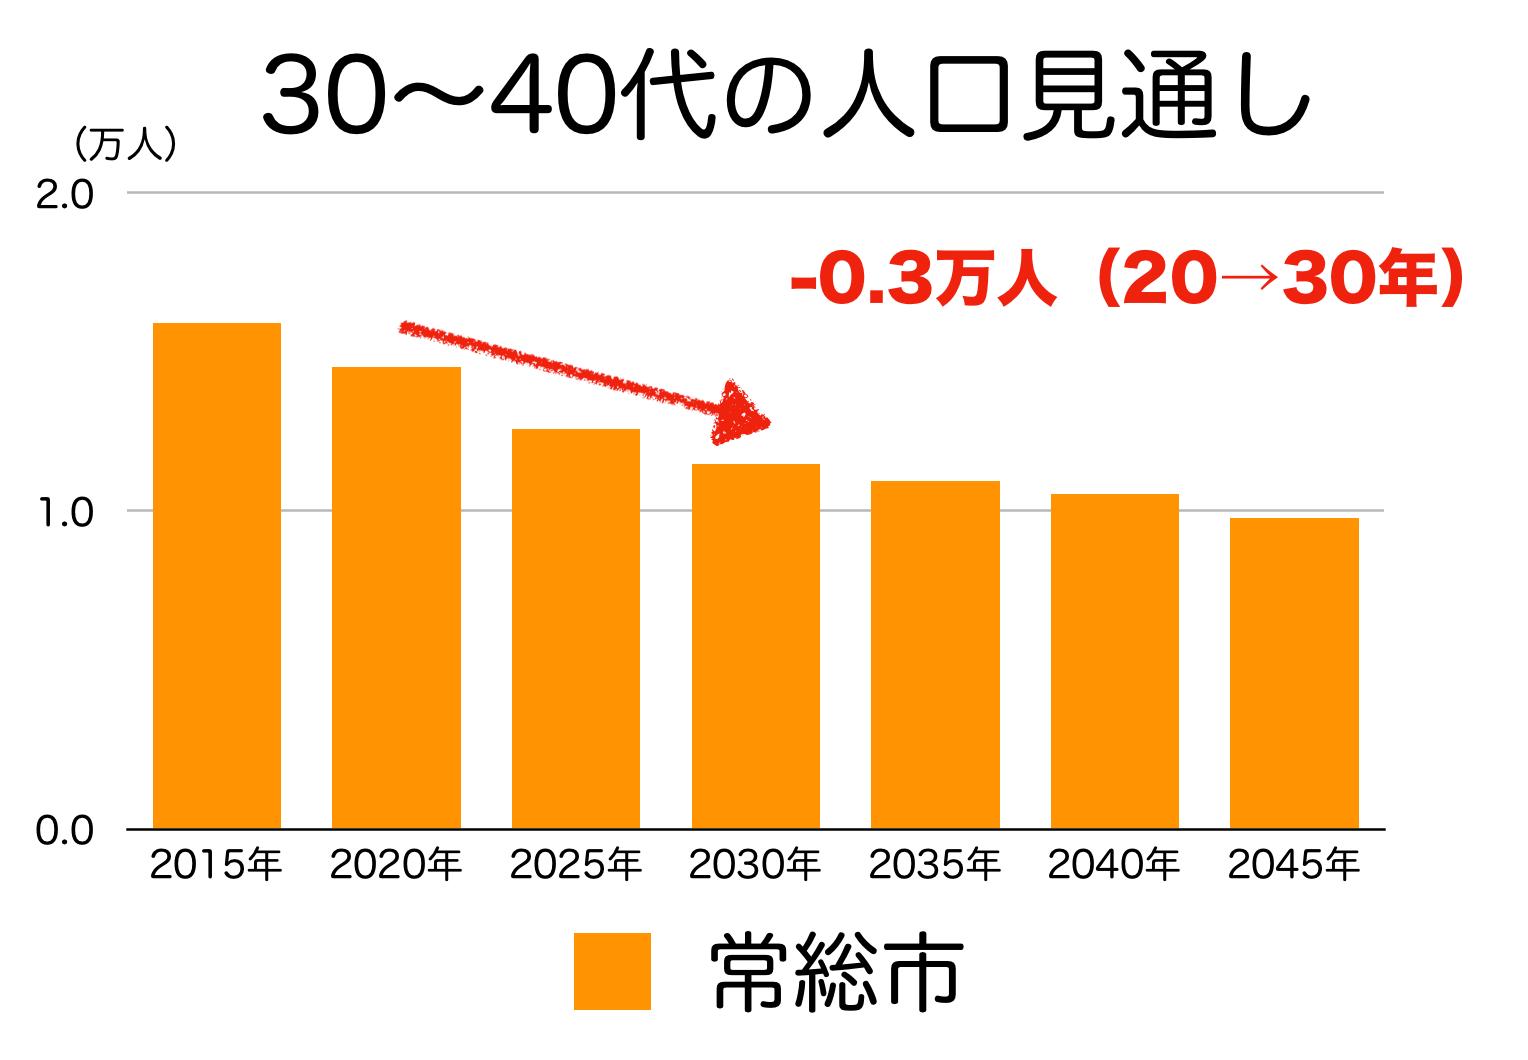 常総市の30〜40代人口の予測